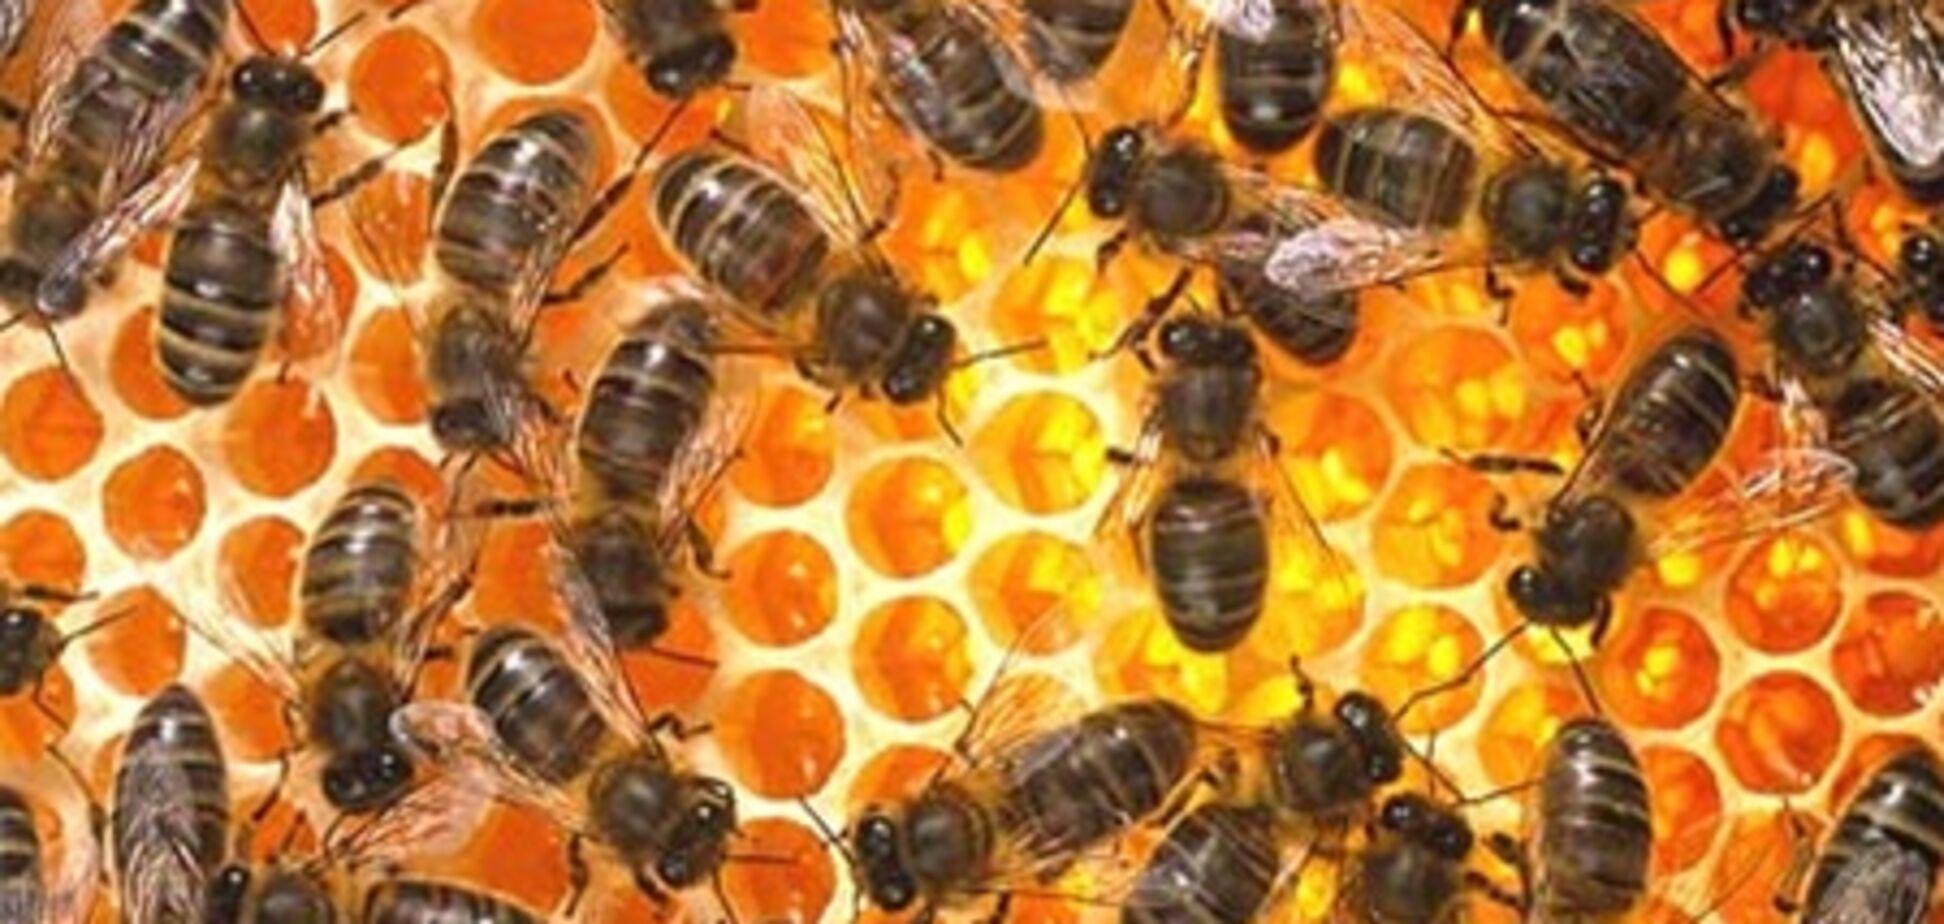 Француз-невдаха погорів на крадіжці 150 бджолиних вуликів